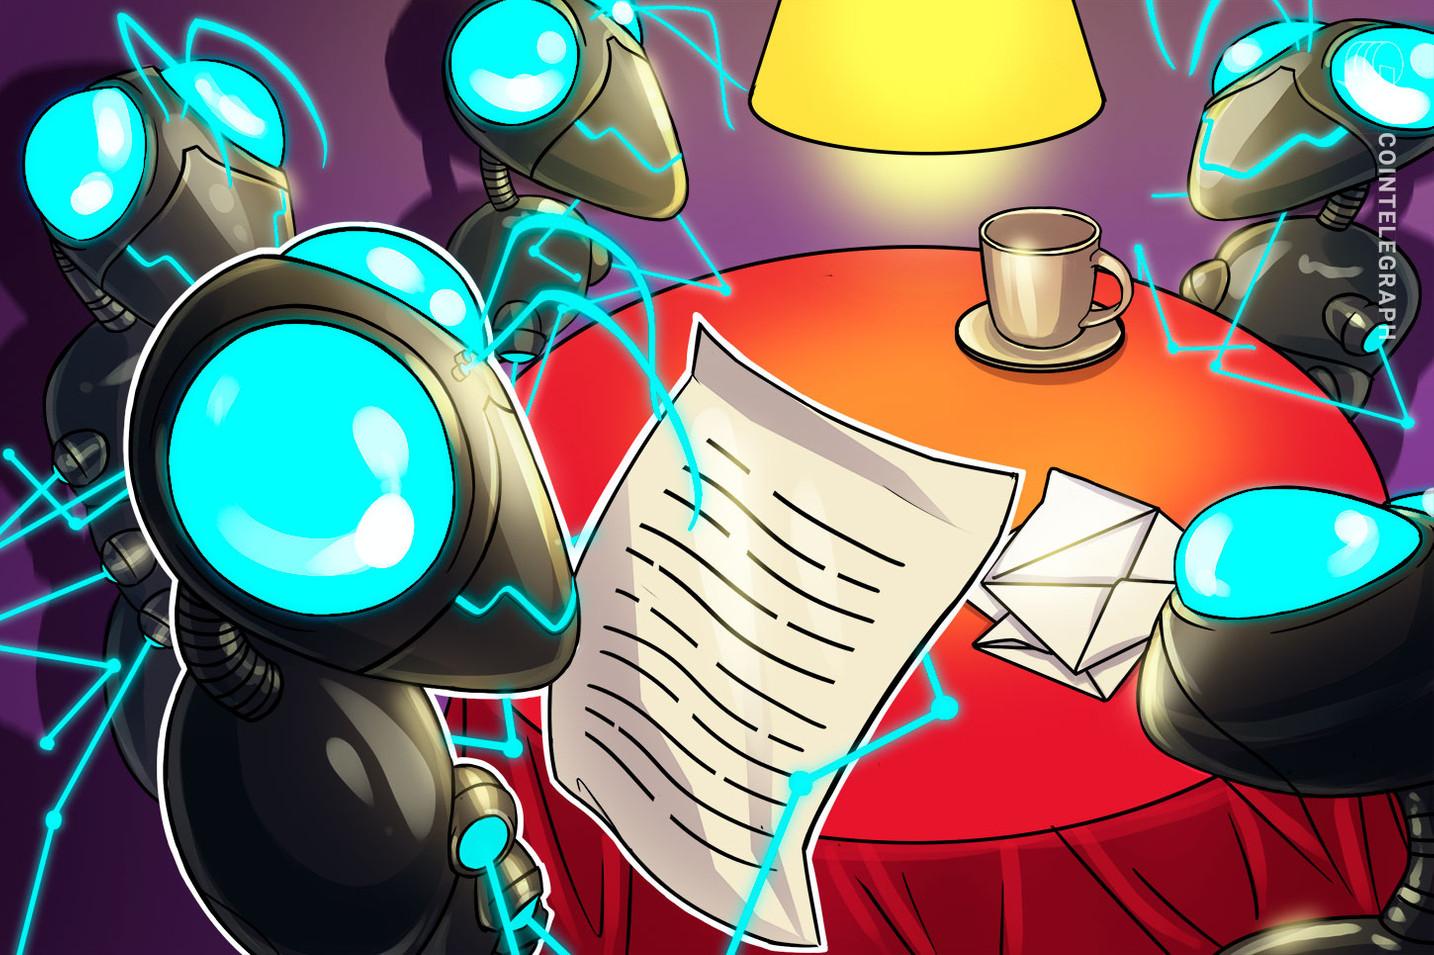 ¿Puede la tecnología de blockchain contrarrestar el proyecto de ley de anti-encriptación de mensajes de EE.UU.?